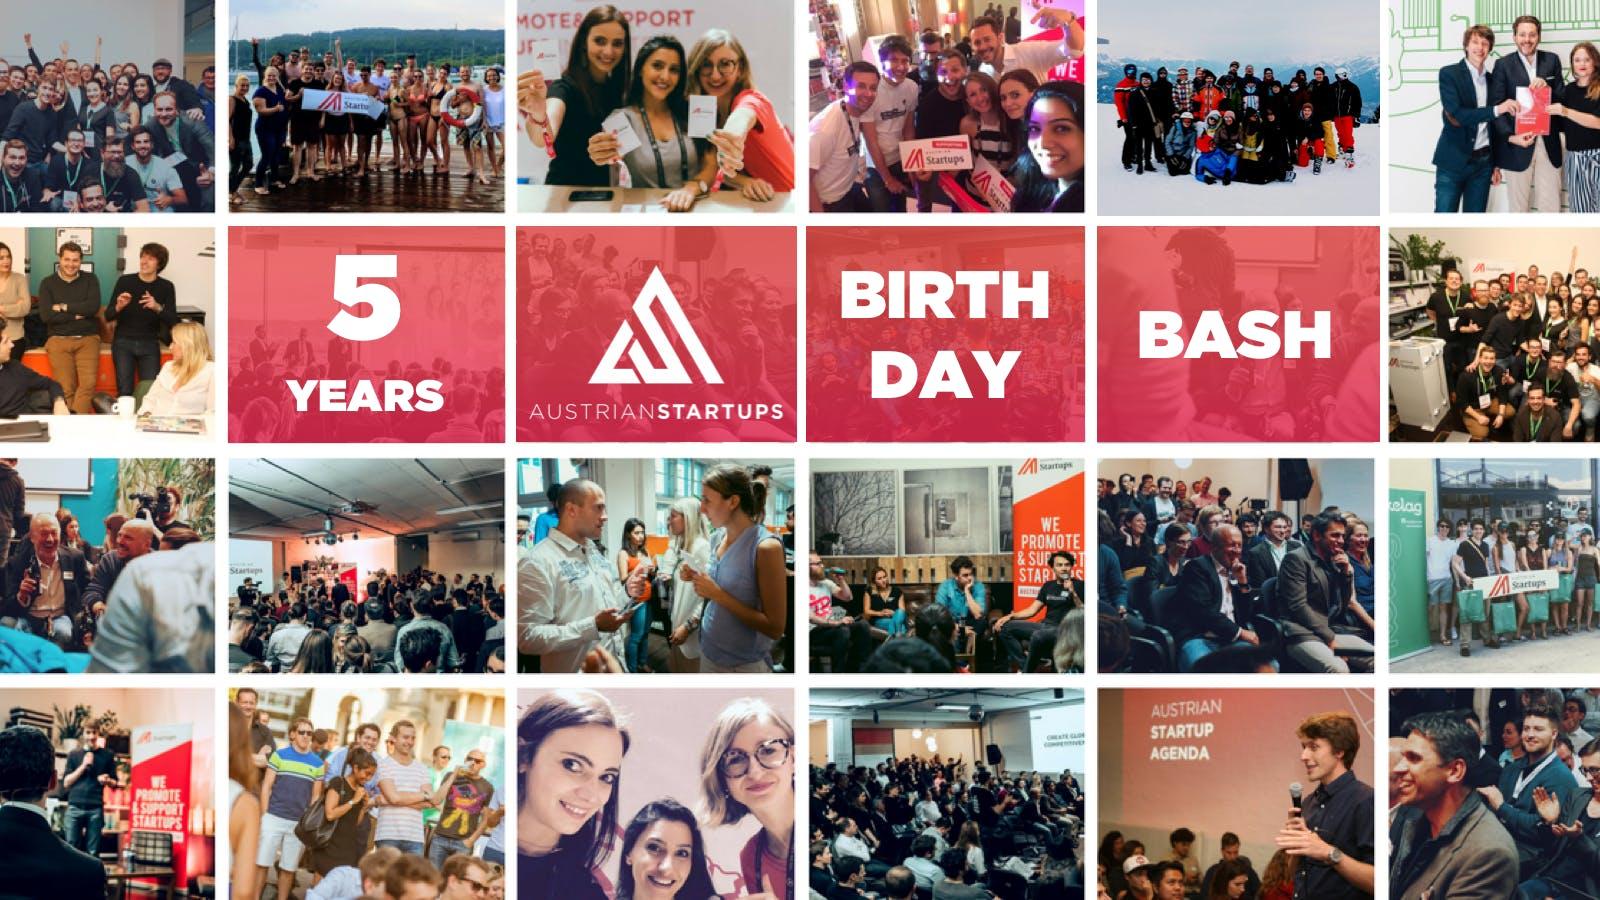 FIVE - The Big AustrianStartups Birthday Bash